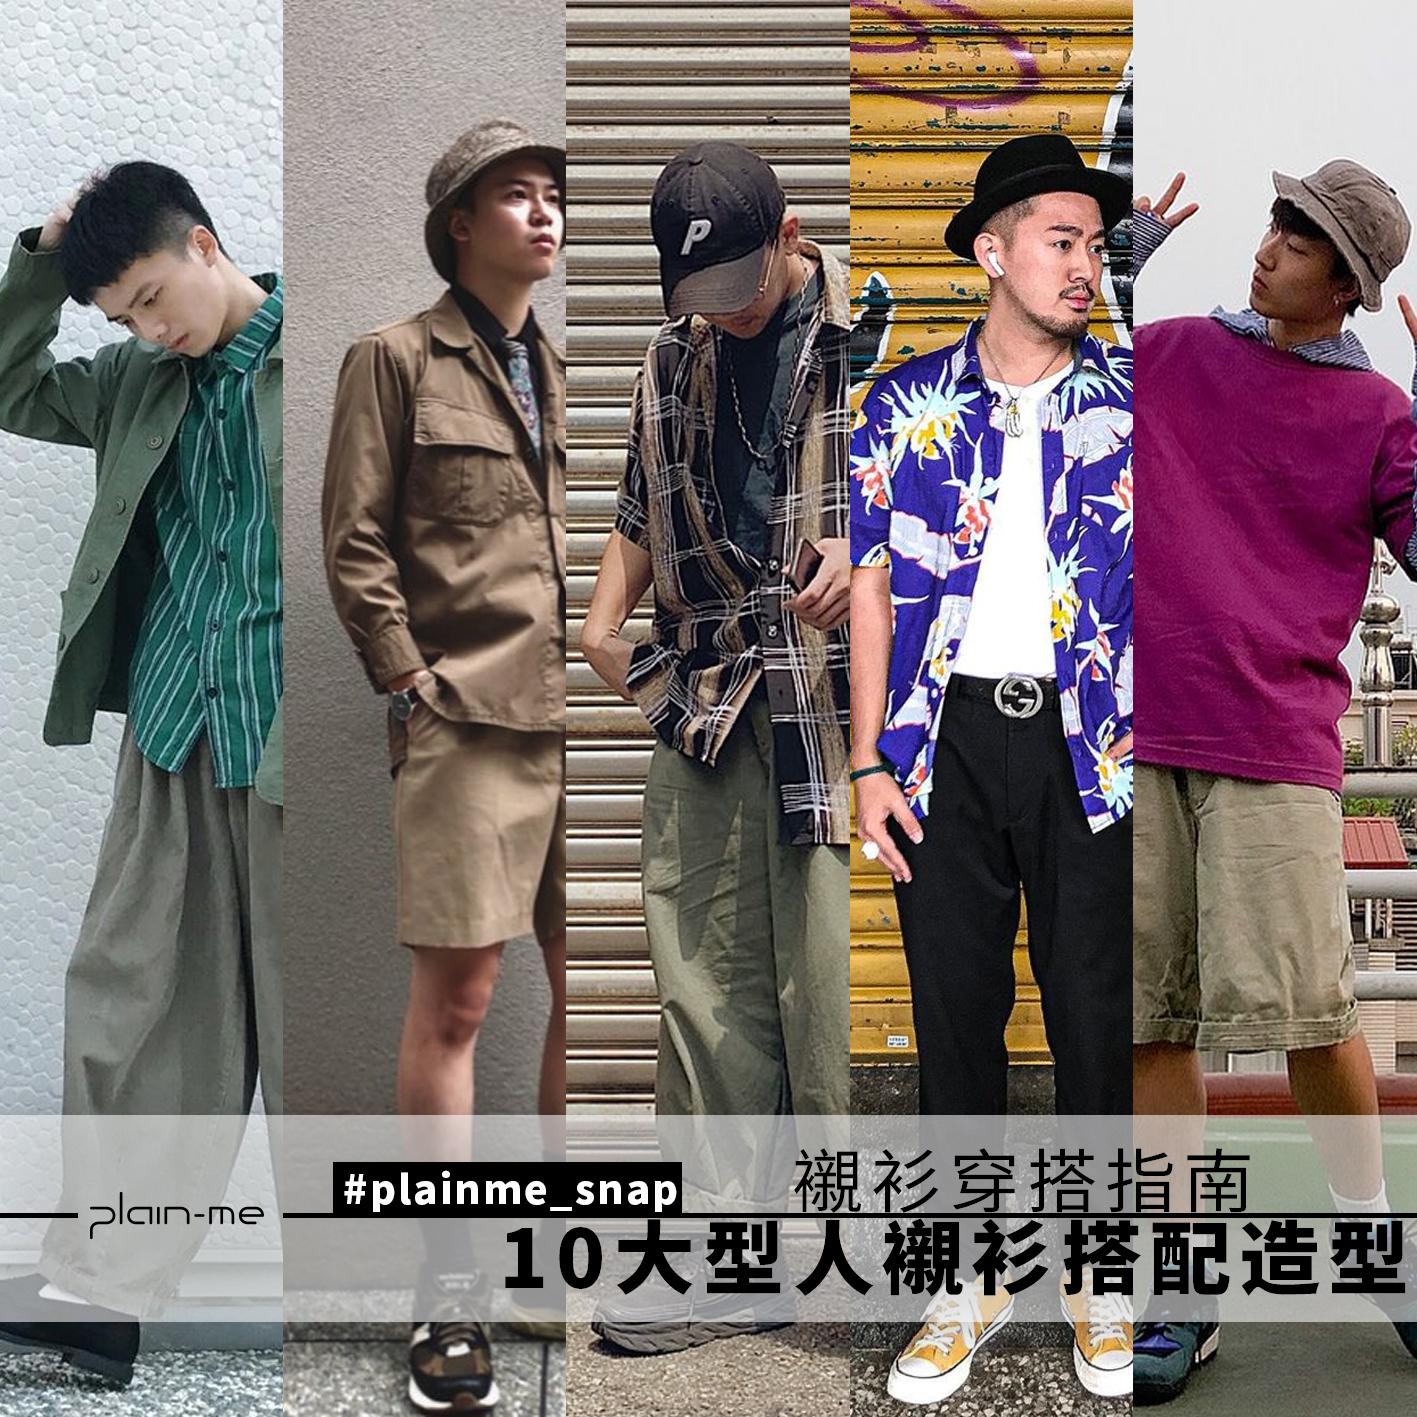 襯衫穿搭,襯衫,穿搭風格,穿搭型人,IG,plainme_snap,instagram,搭配,穿搭,搭配,型人,穿搭,6月,IG型人穿搭,秋天穿搭,秋季穿搭